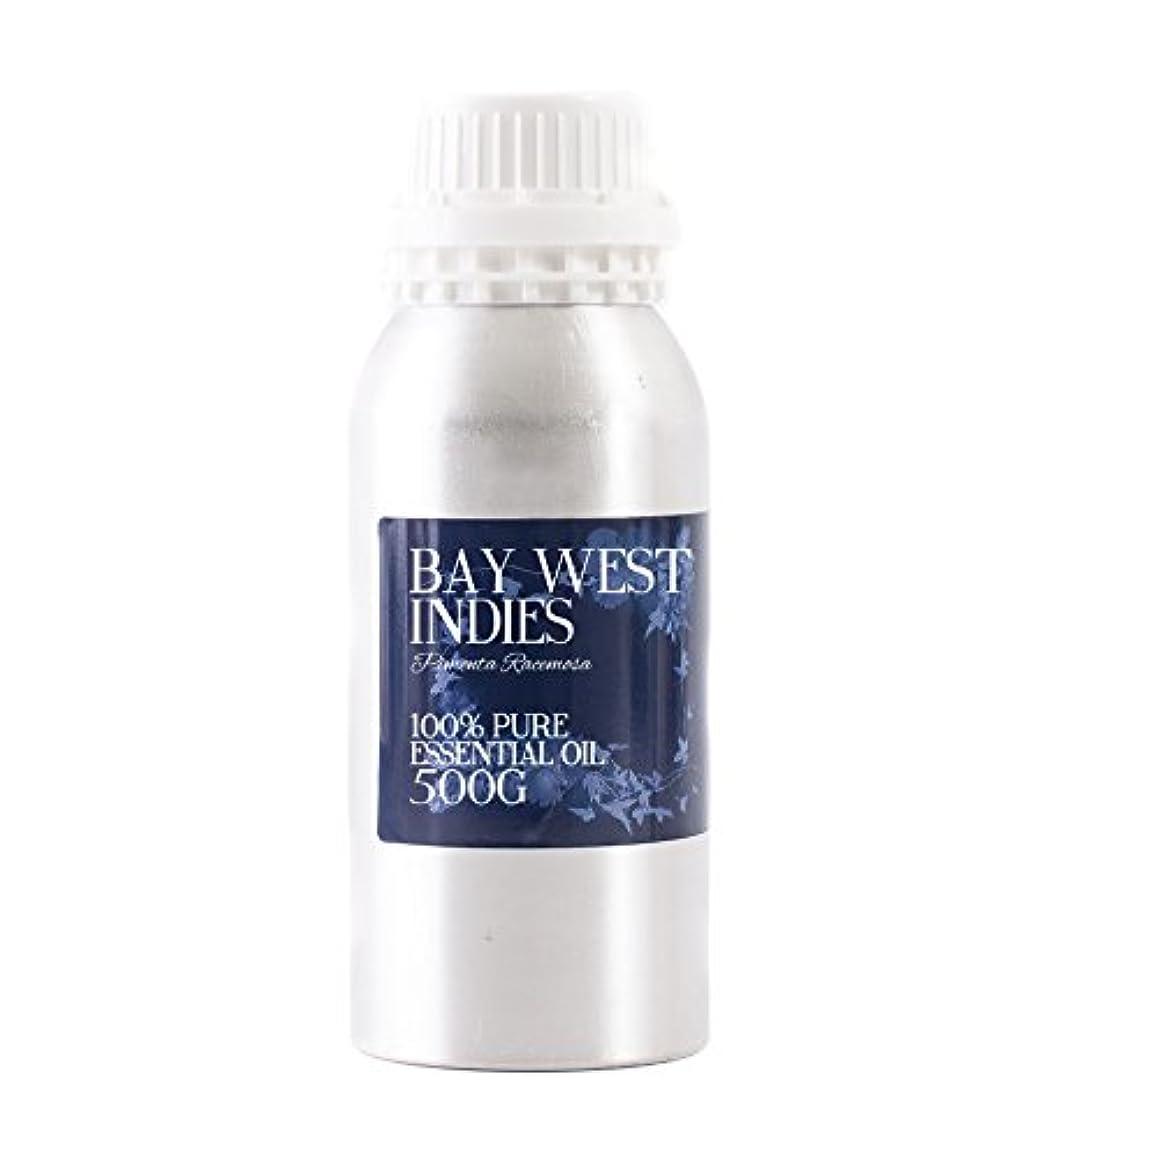 ぶら下がるテレビを見る匹敵しますMystic Moments | Bay West Indies Essential Oil - 500g - 100% Pure